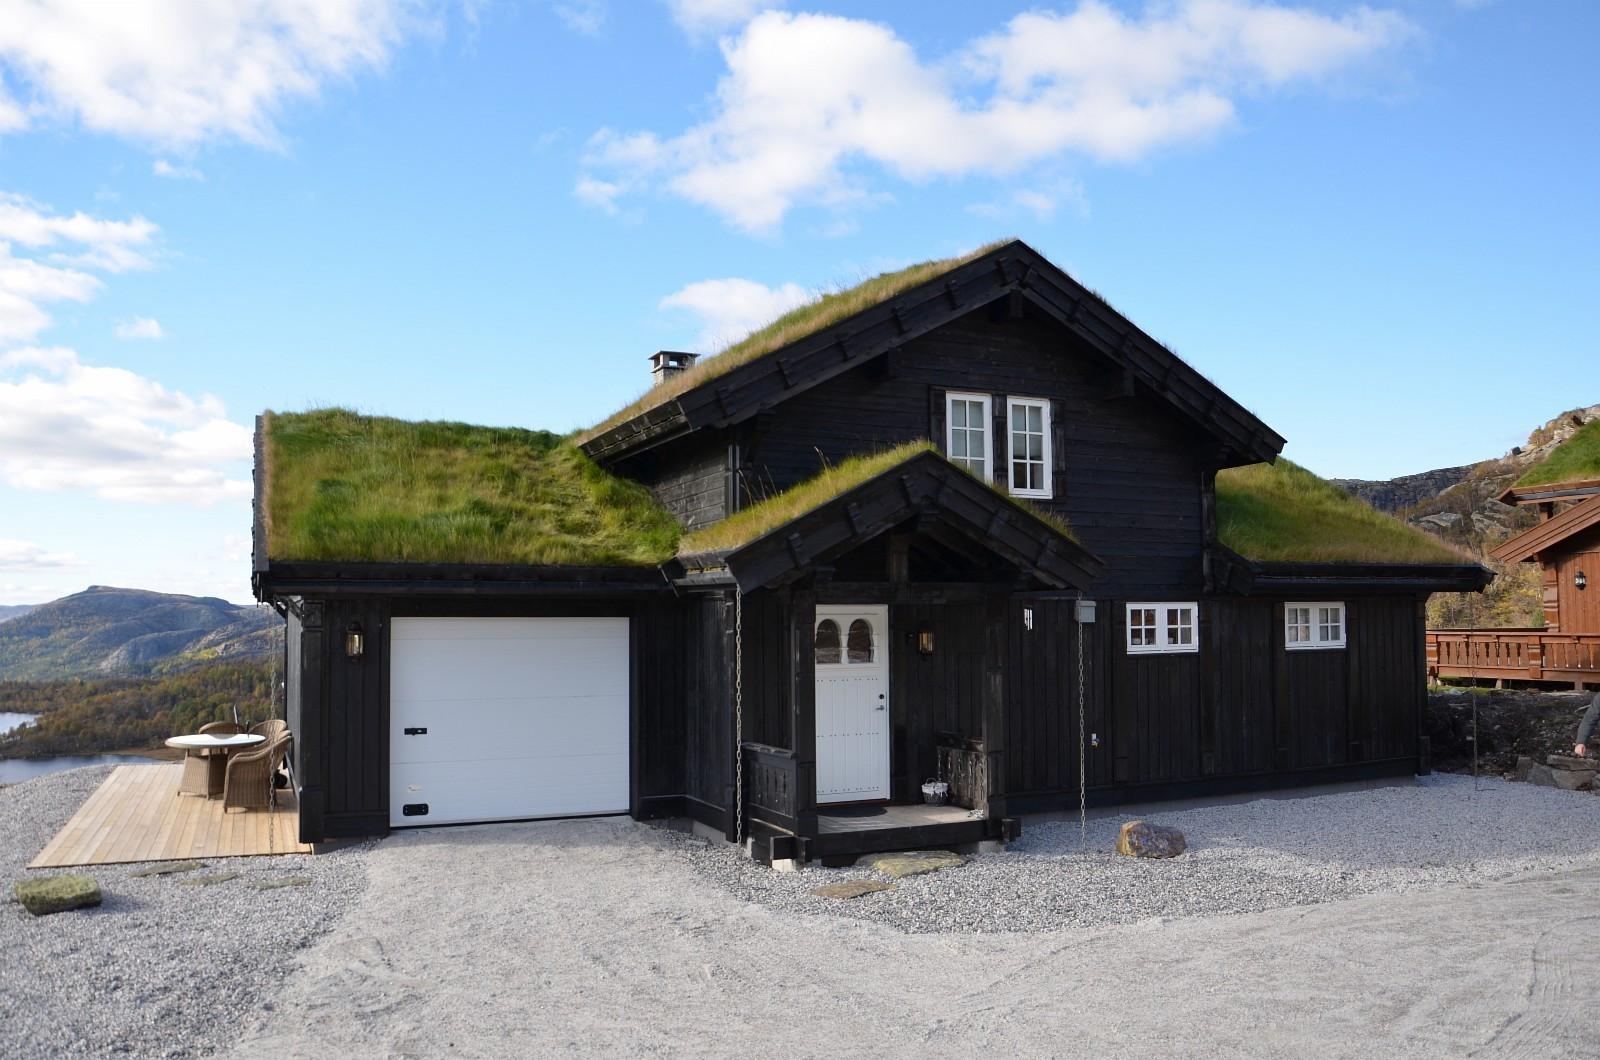 Fra en tilsvarende modell Hemsedal hytte - med garasje. Kundetilpasninger kan forekomme.